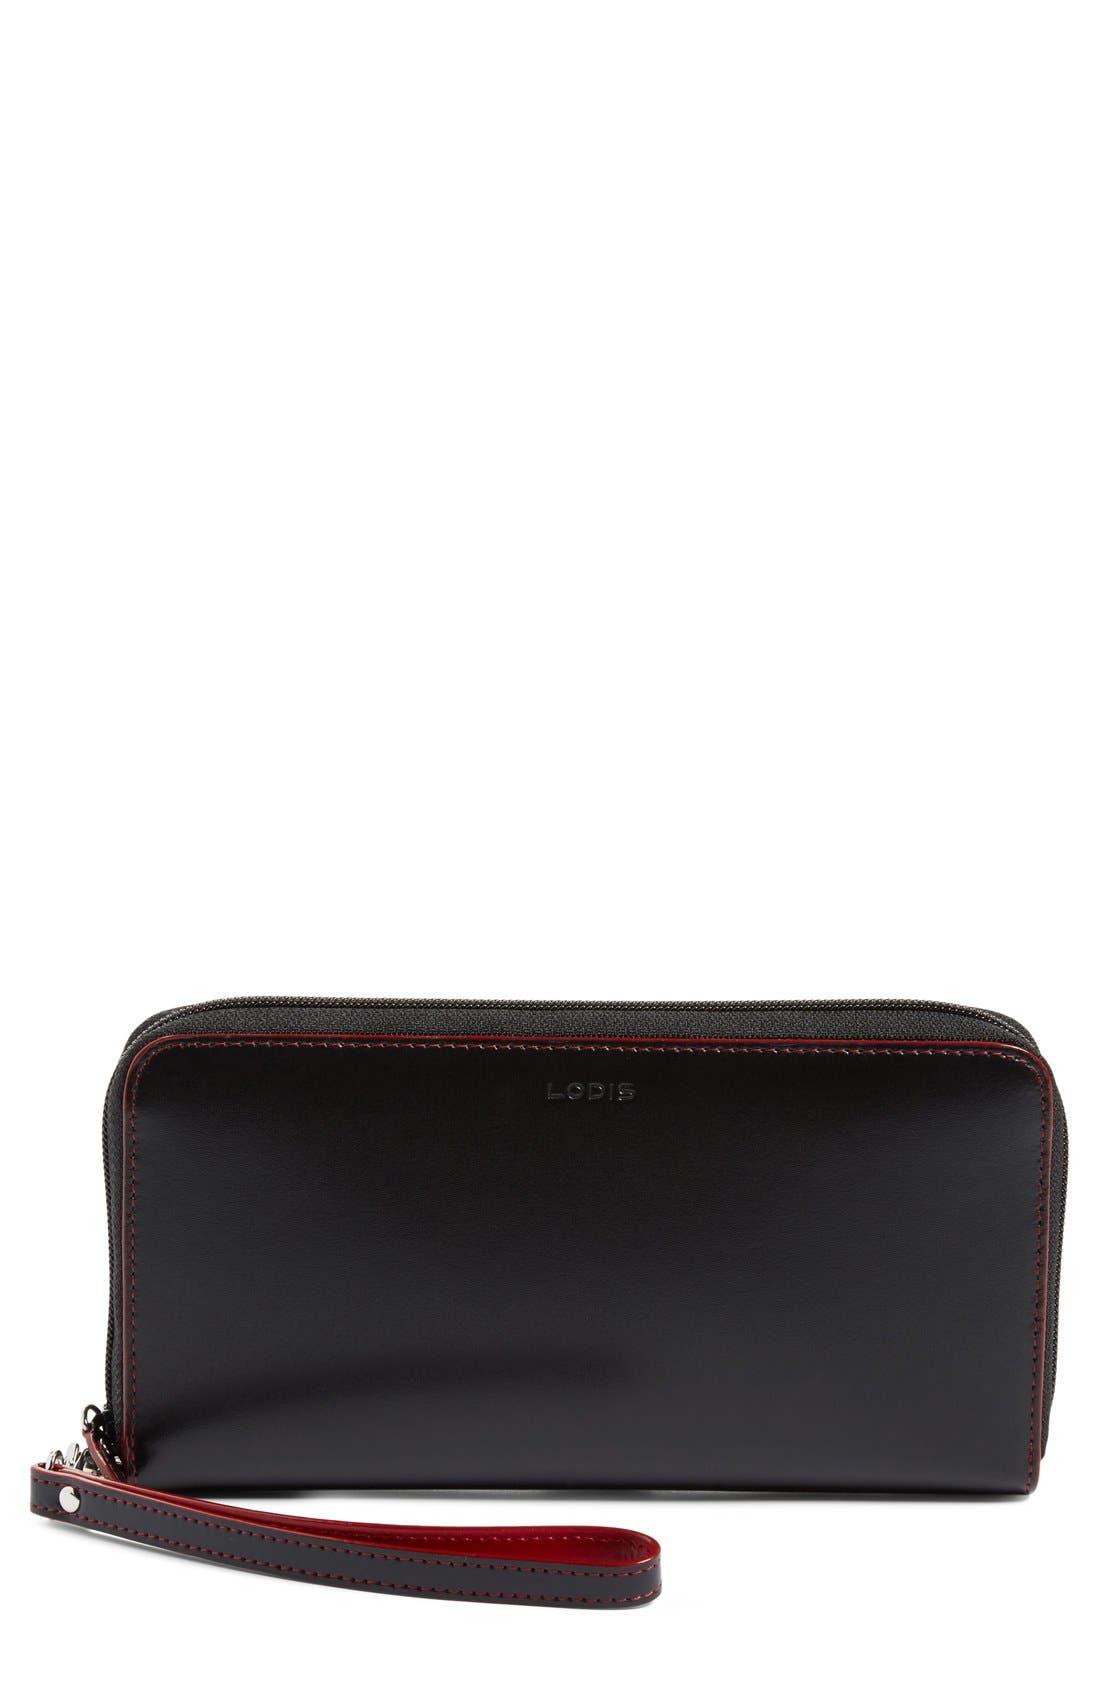 Lodis Audrey RFID Leather Wristlet, Main, color, 001